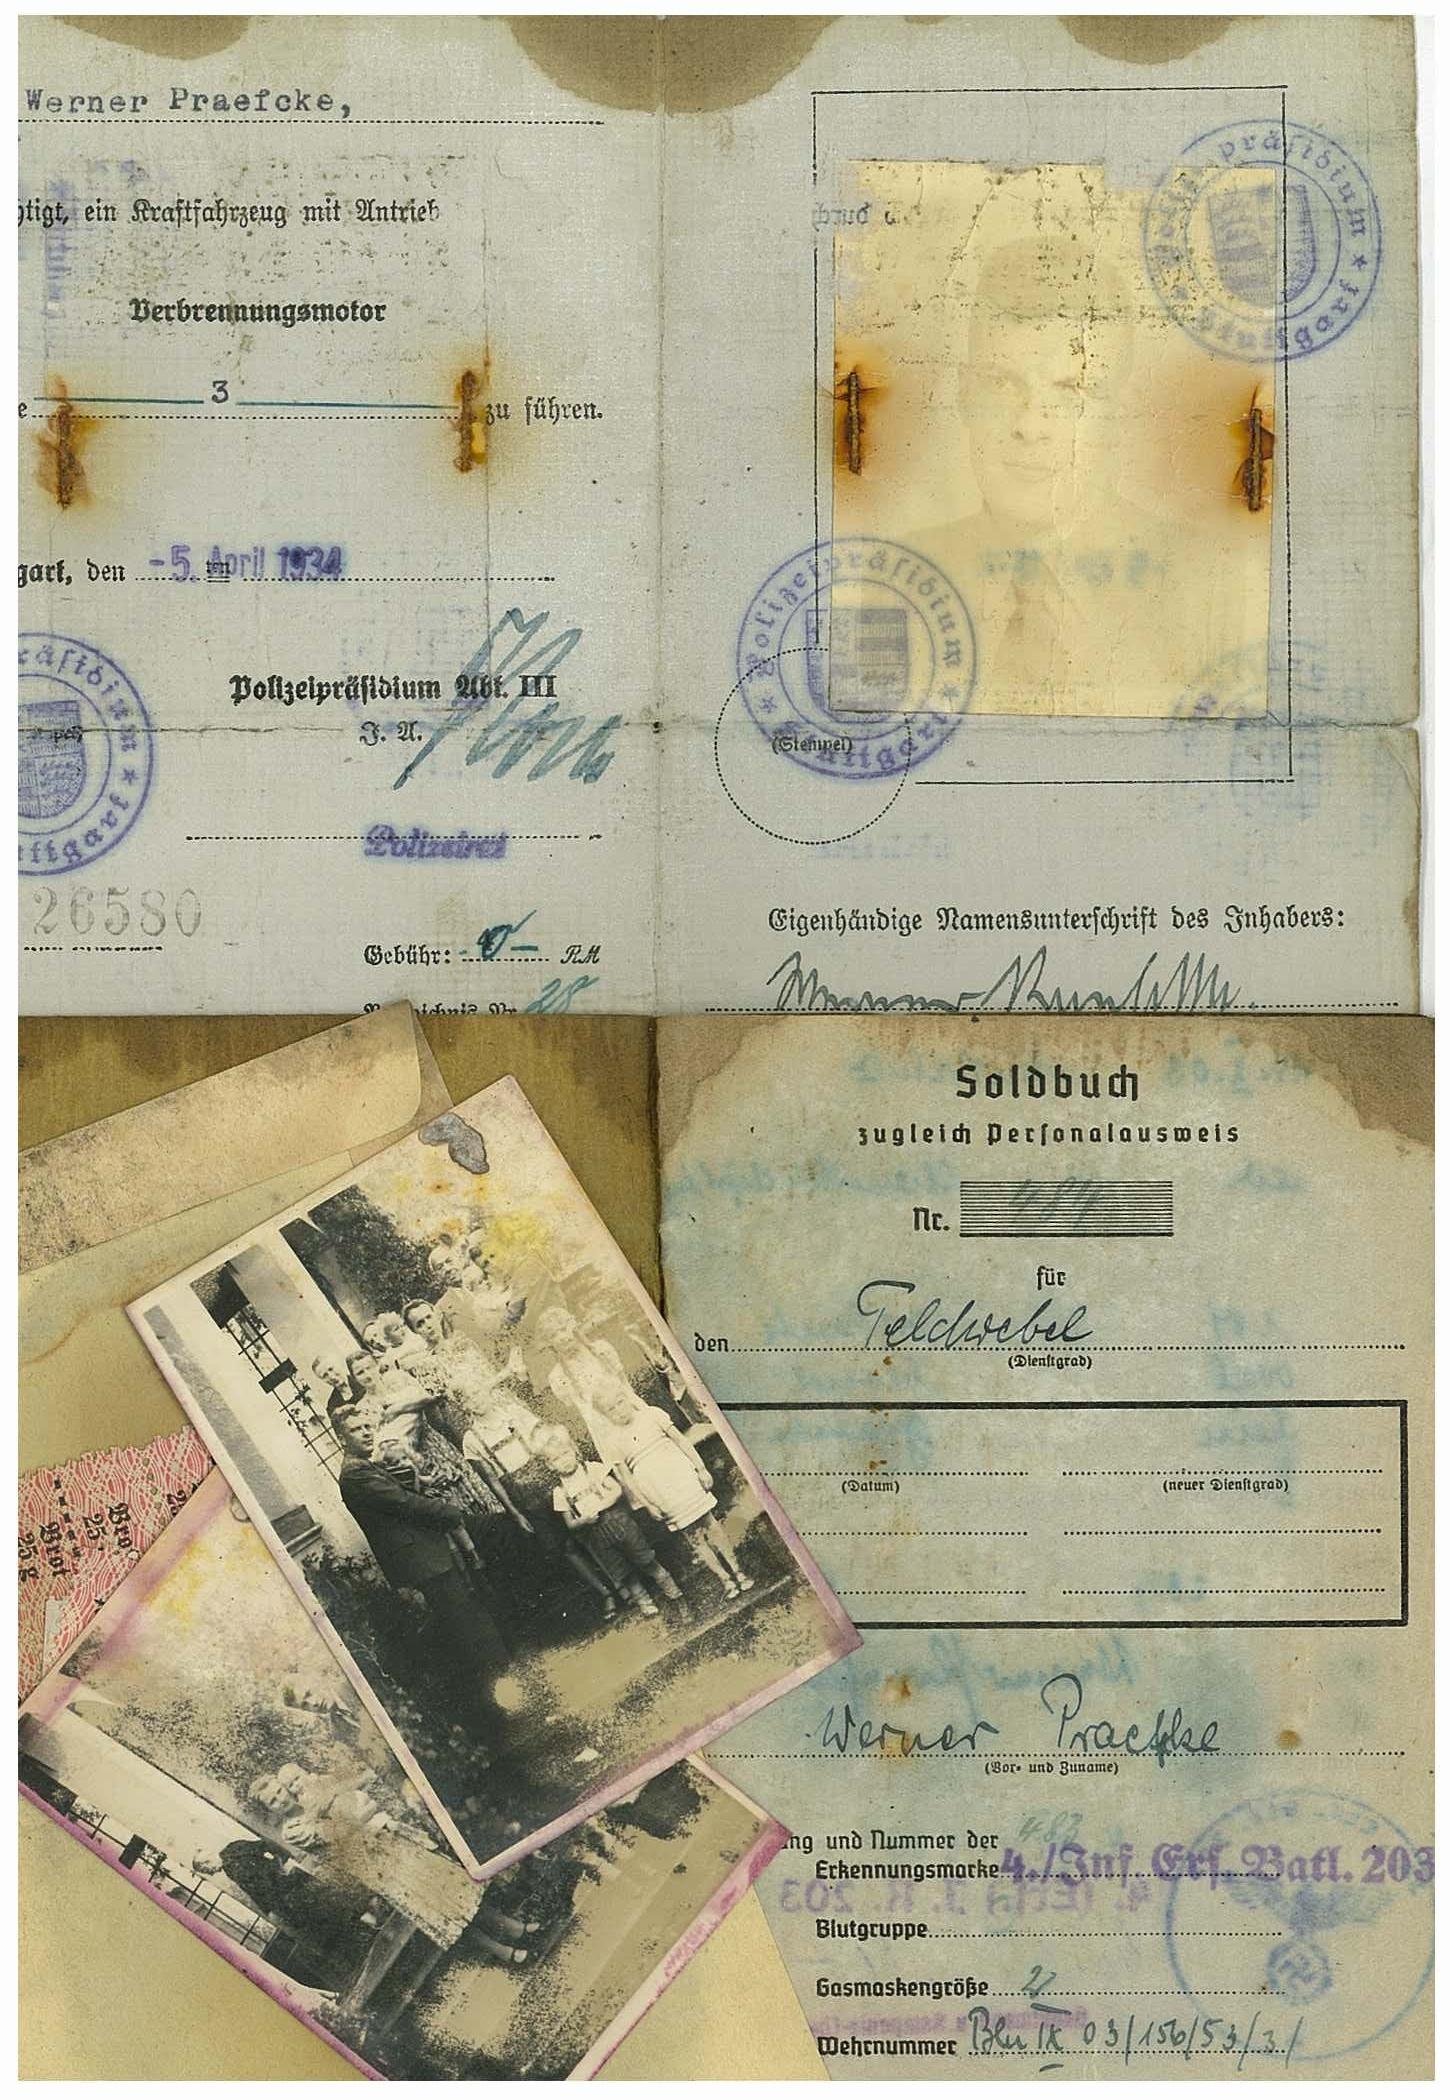 RA, Forsvaret, Forsvarets krigshistoriske avdeling, Y/Ye/L0182: II-C-11-1110  -  1. sjøforsvarsdistrikt., 1940, s. 1